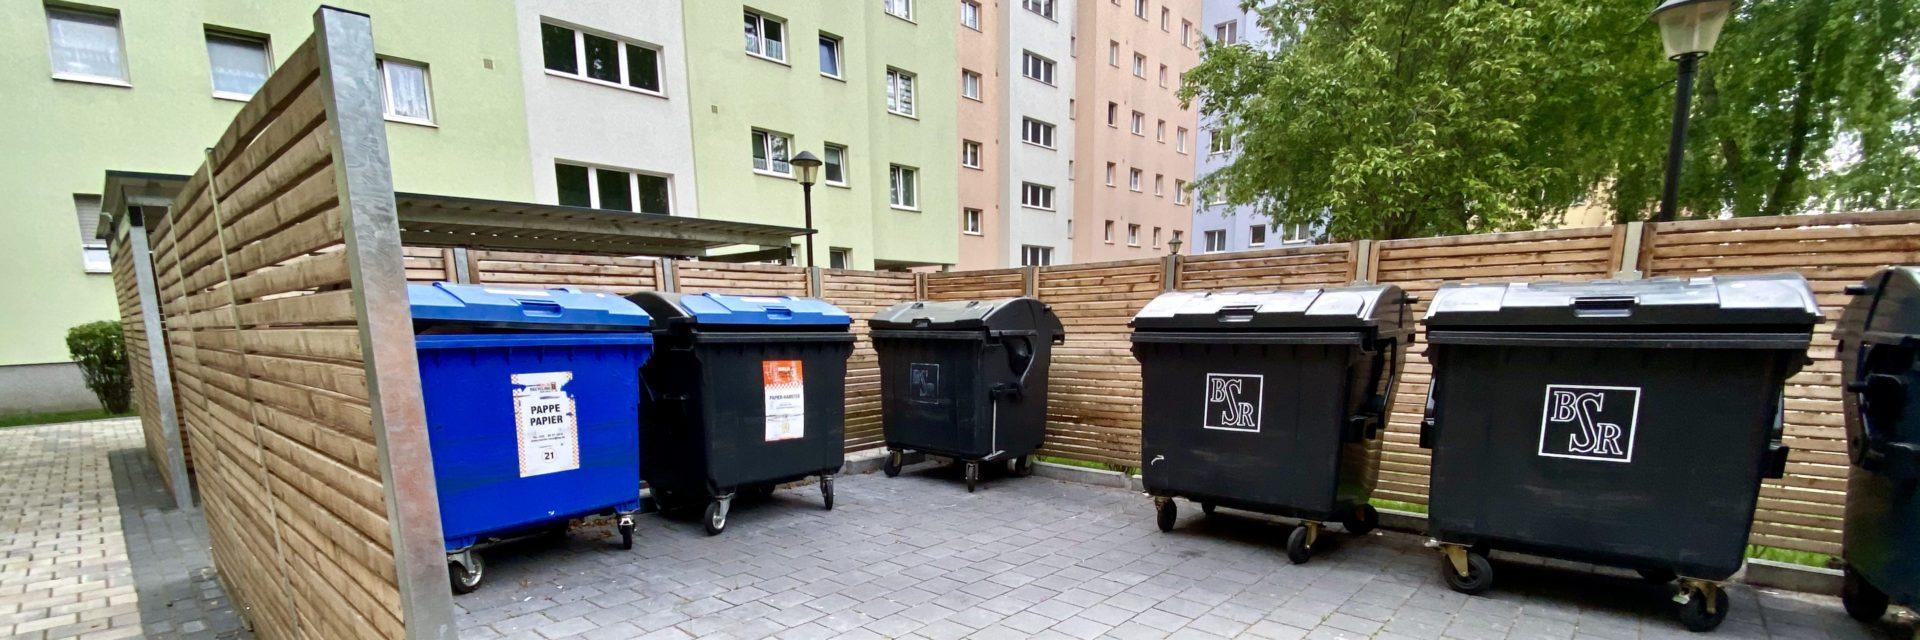 Sichtschutz für Mülltonnen